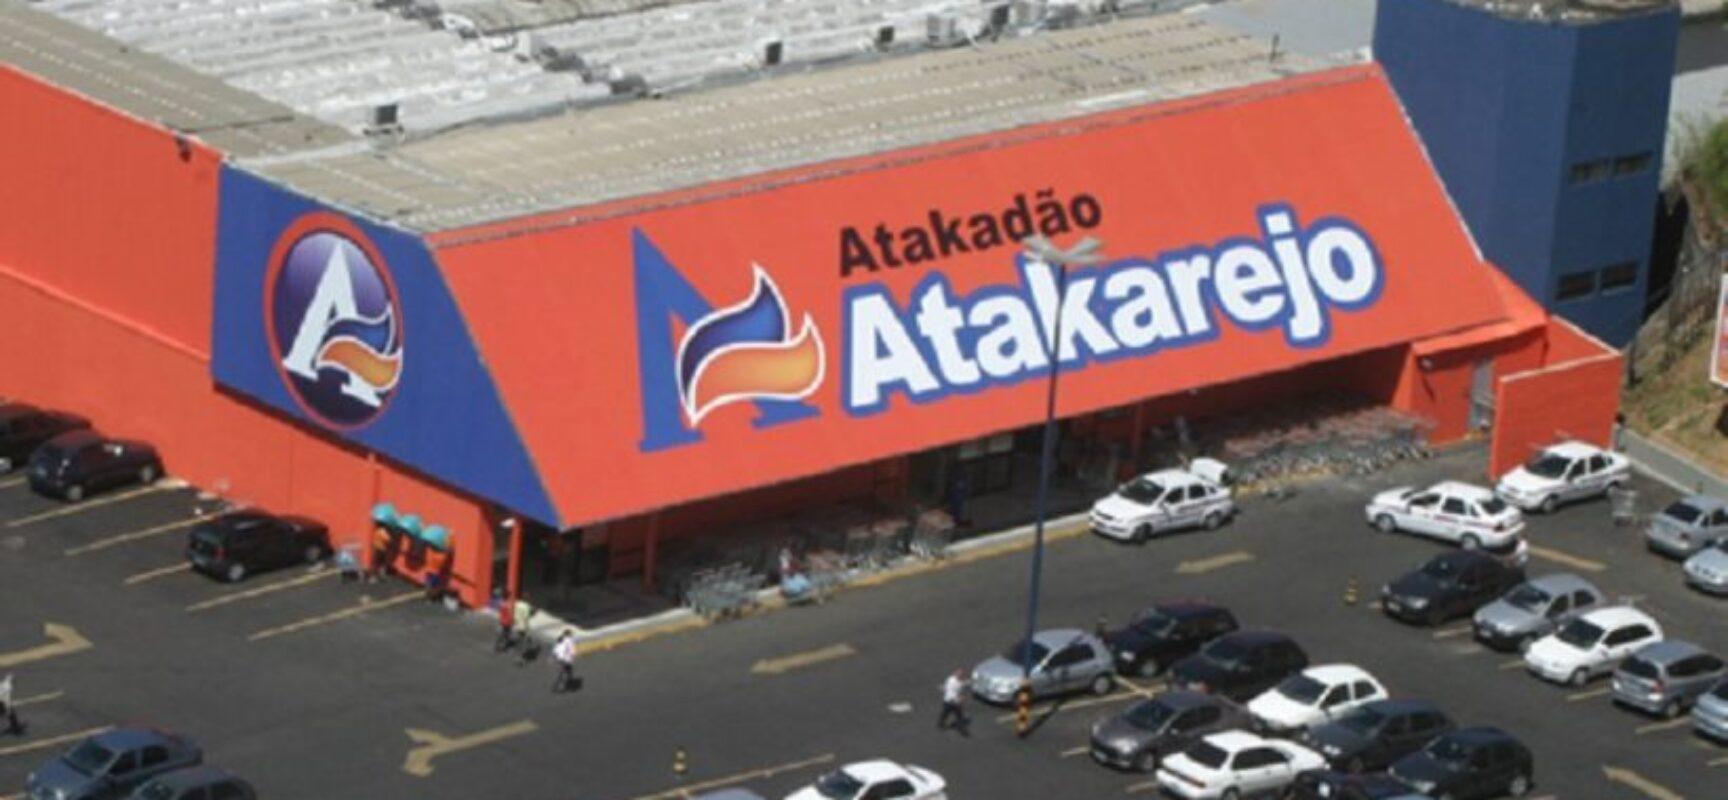 Caso Atakarejo: Defensoria pede R$ 200 milhões em reparação por danos coletivos